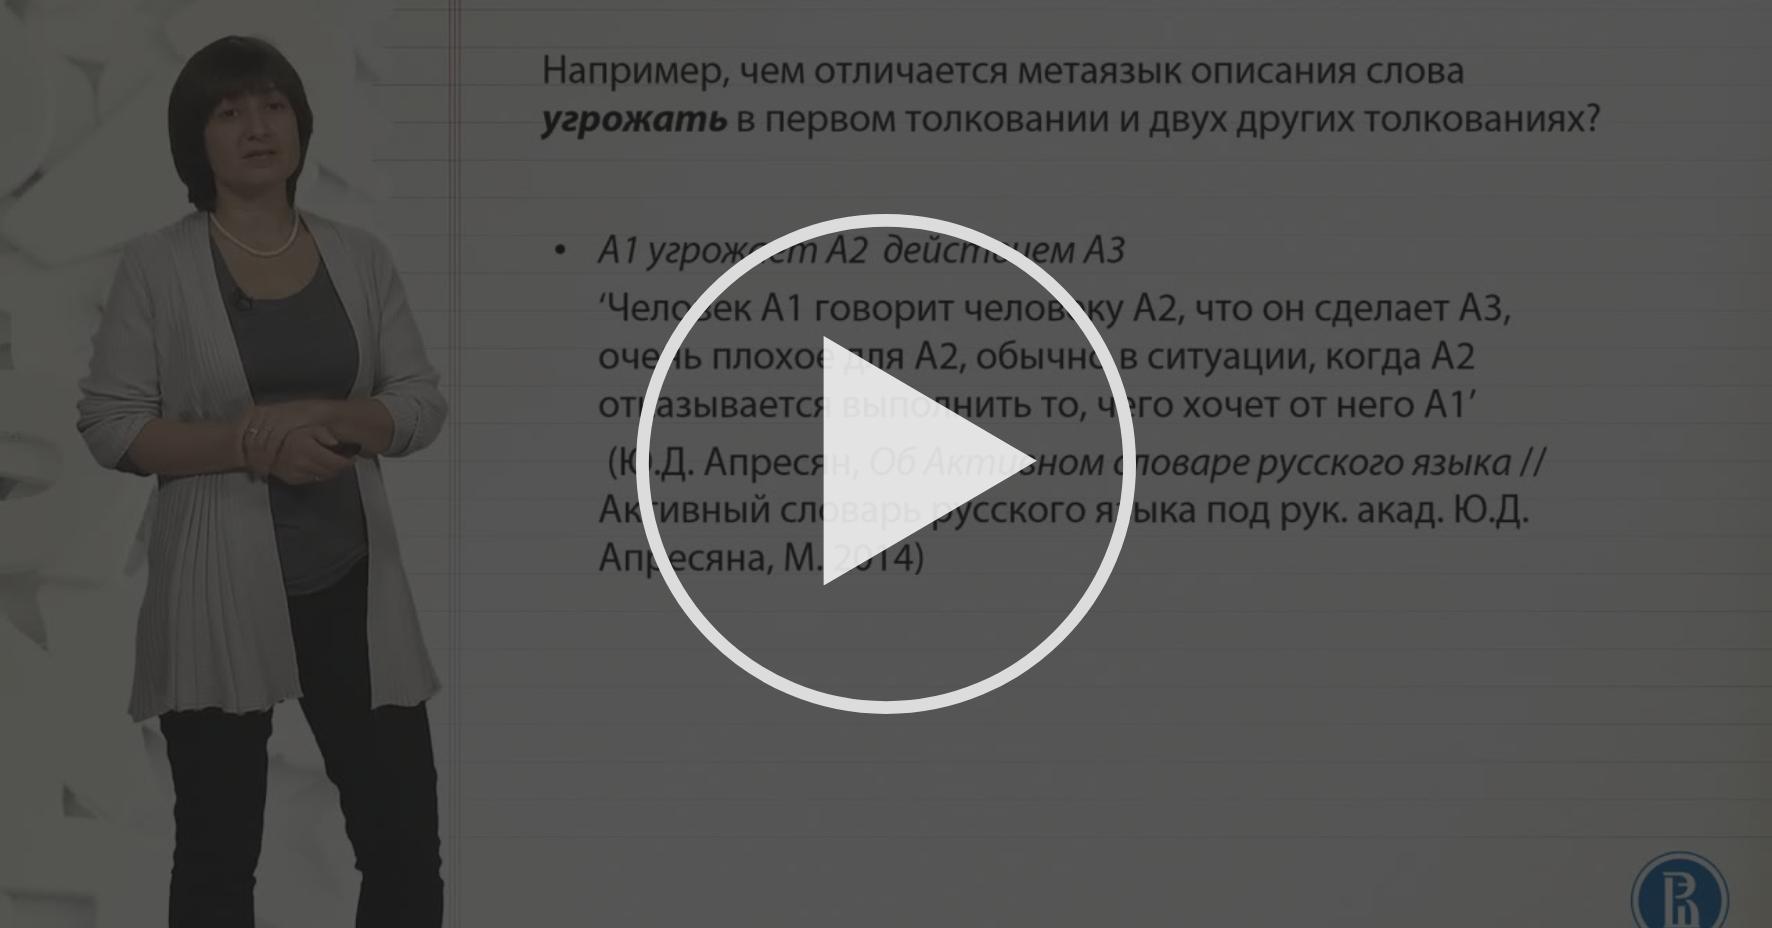 Относительно - это как? значение, синонимы, примеры и толкование :: syl.ru